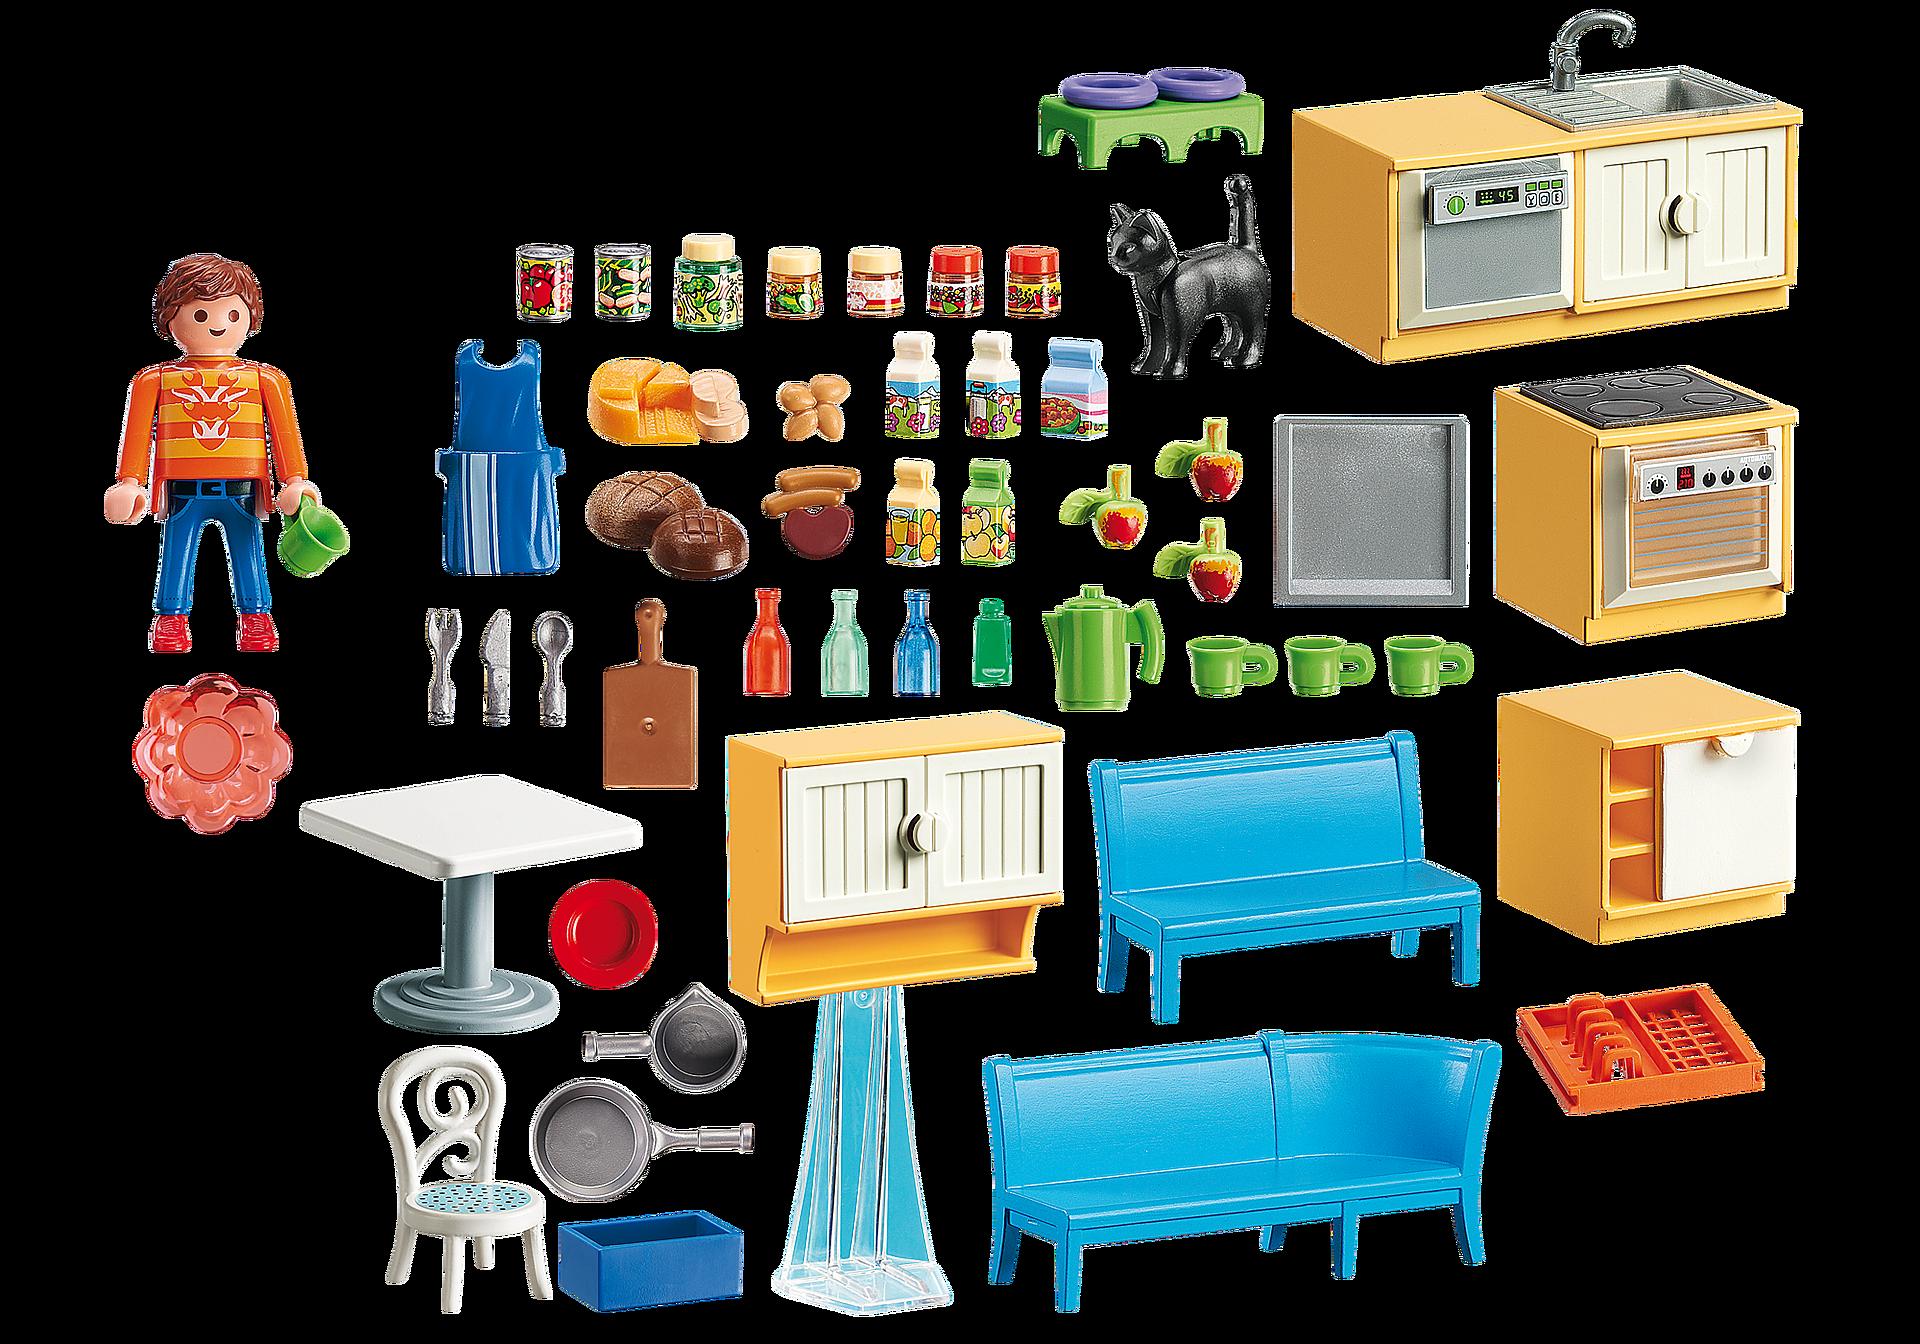 5336 Einbauküche mit Sitzecke zoom image3